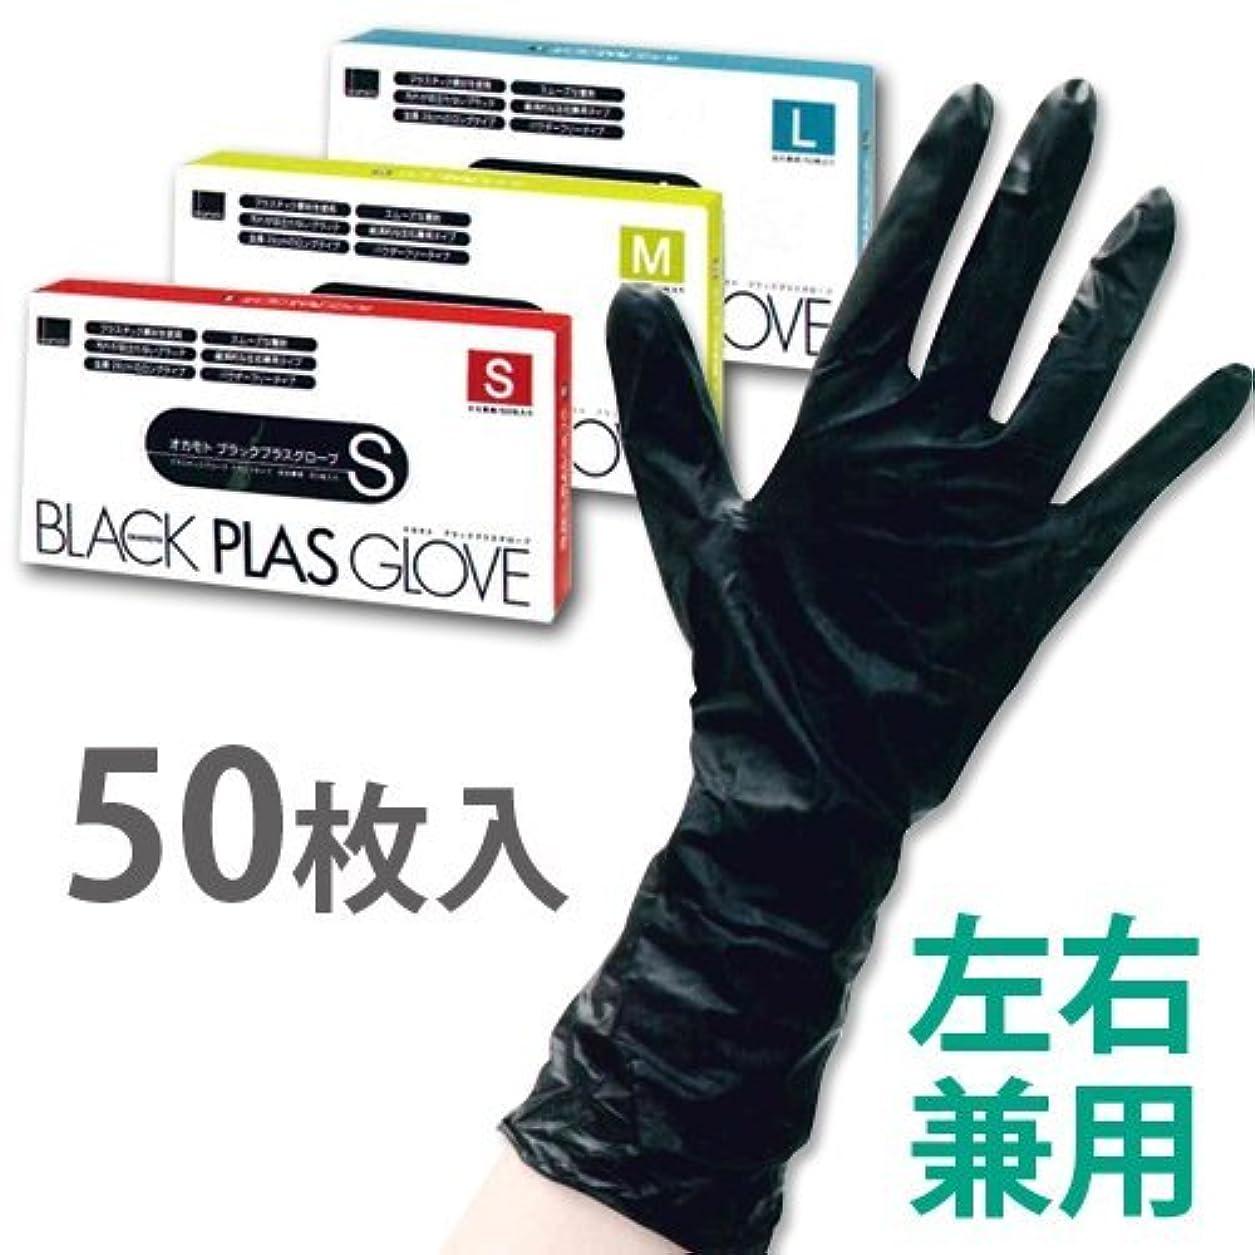 調停者作曲する疎外するオカモト ブラックプラスグローブ 左右兼用/50枚入り Lサイズ